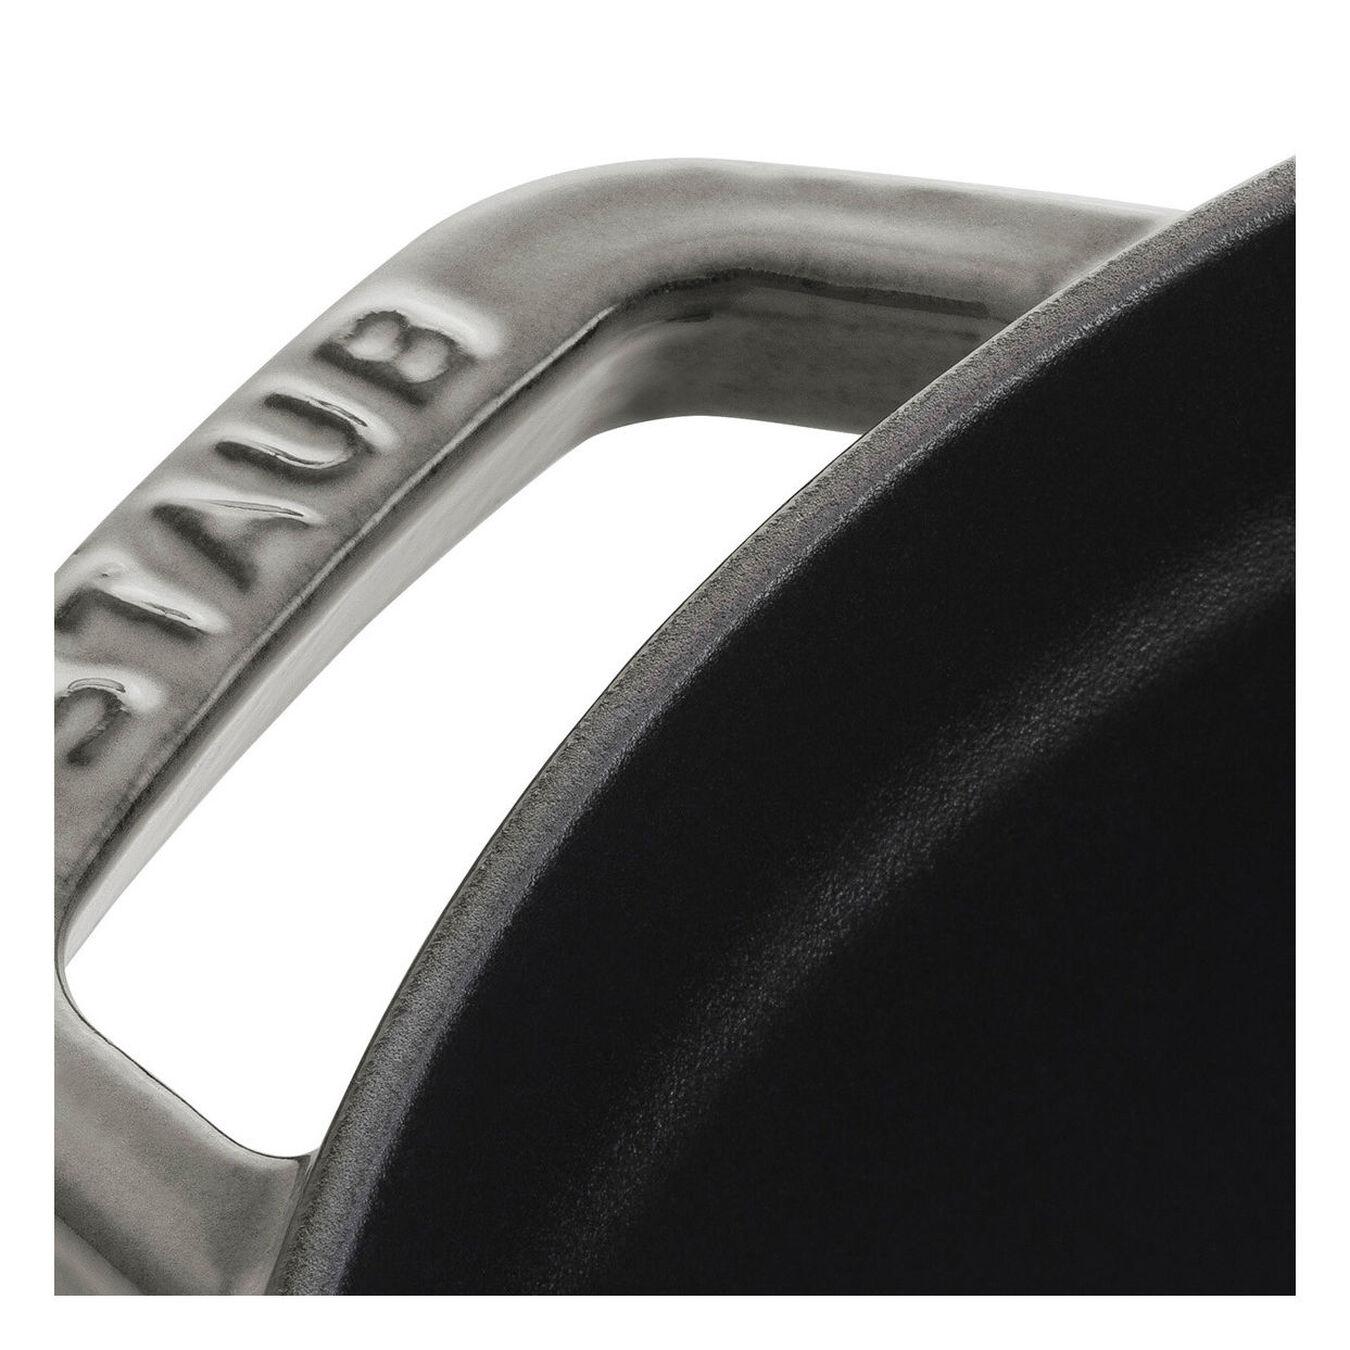 Cocotte en fonte 20 cm / 2,2 l, Rond, Gris graphite,,large 3